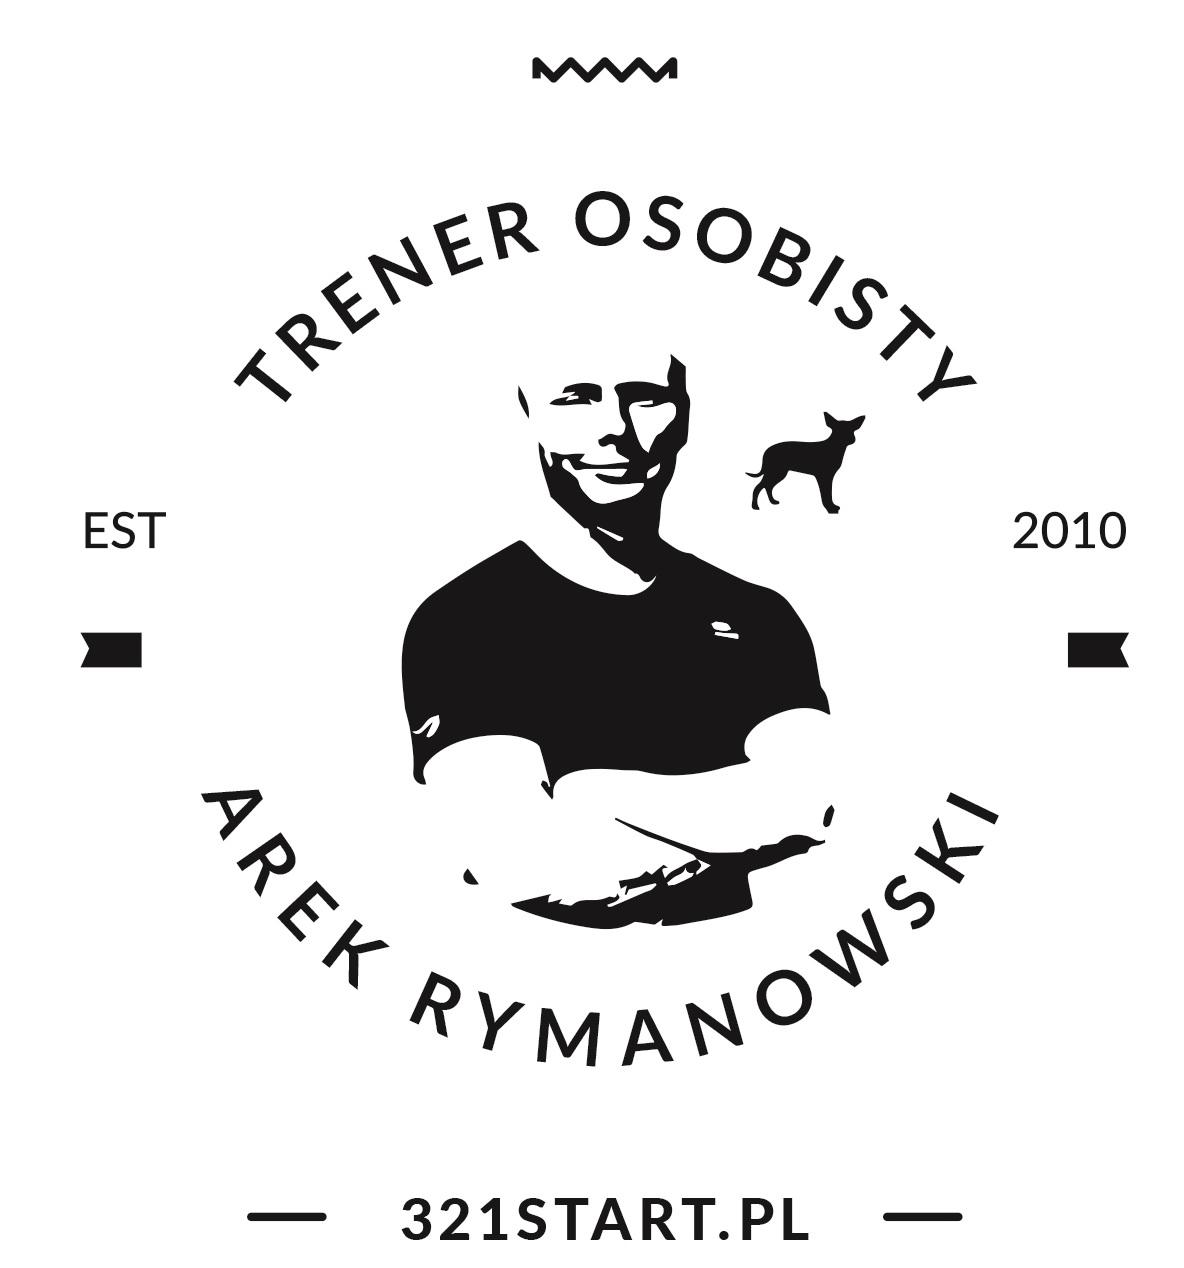 Trener Osobisty Kraków Arek Rymanowski